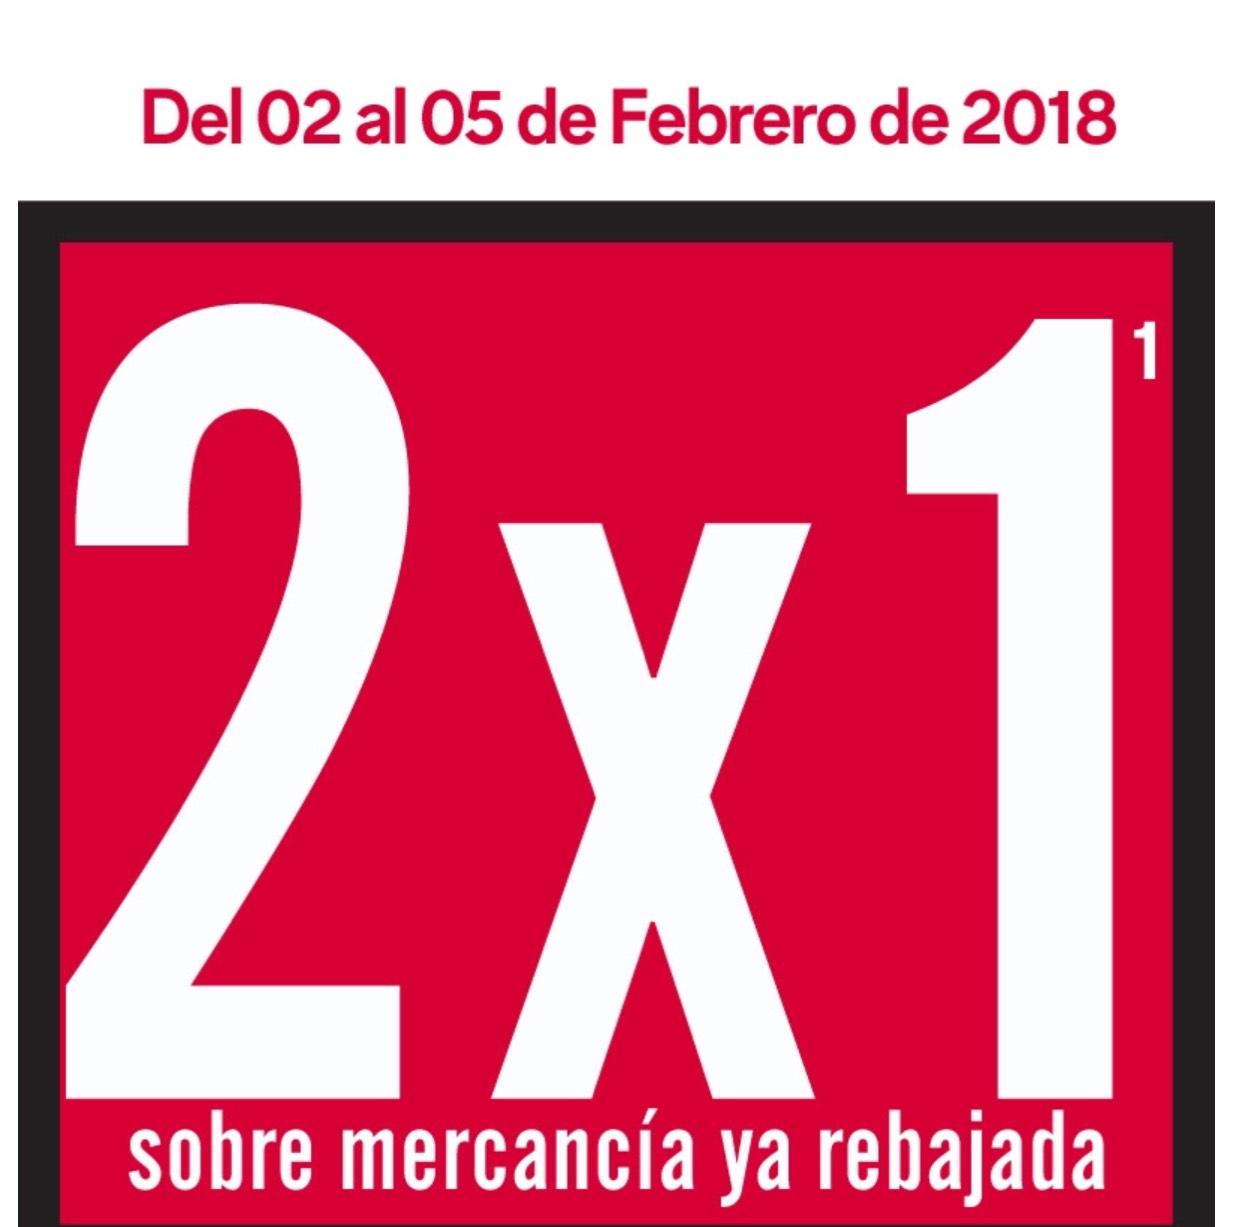 C&A: Mercancía rebajada al 2x1 del 2 al 5 de febrero